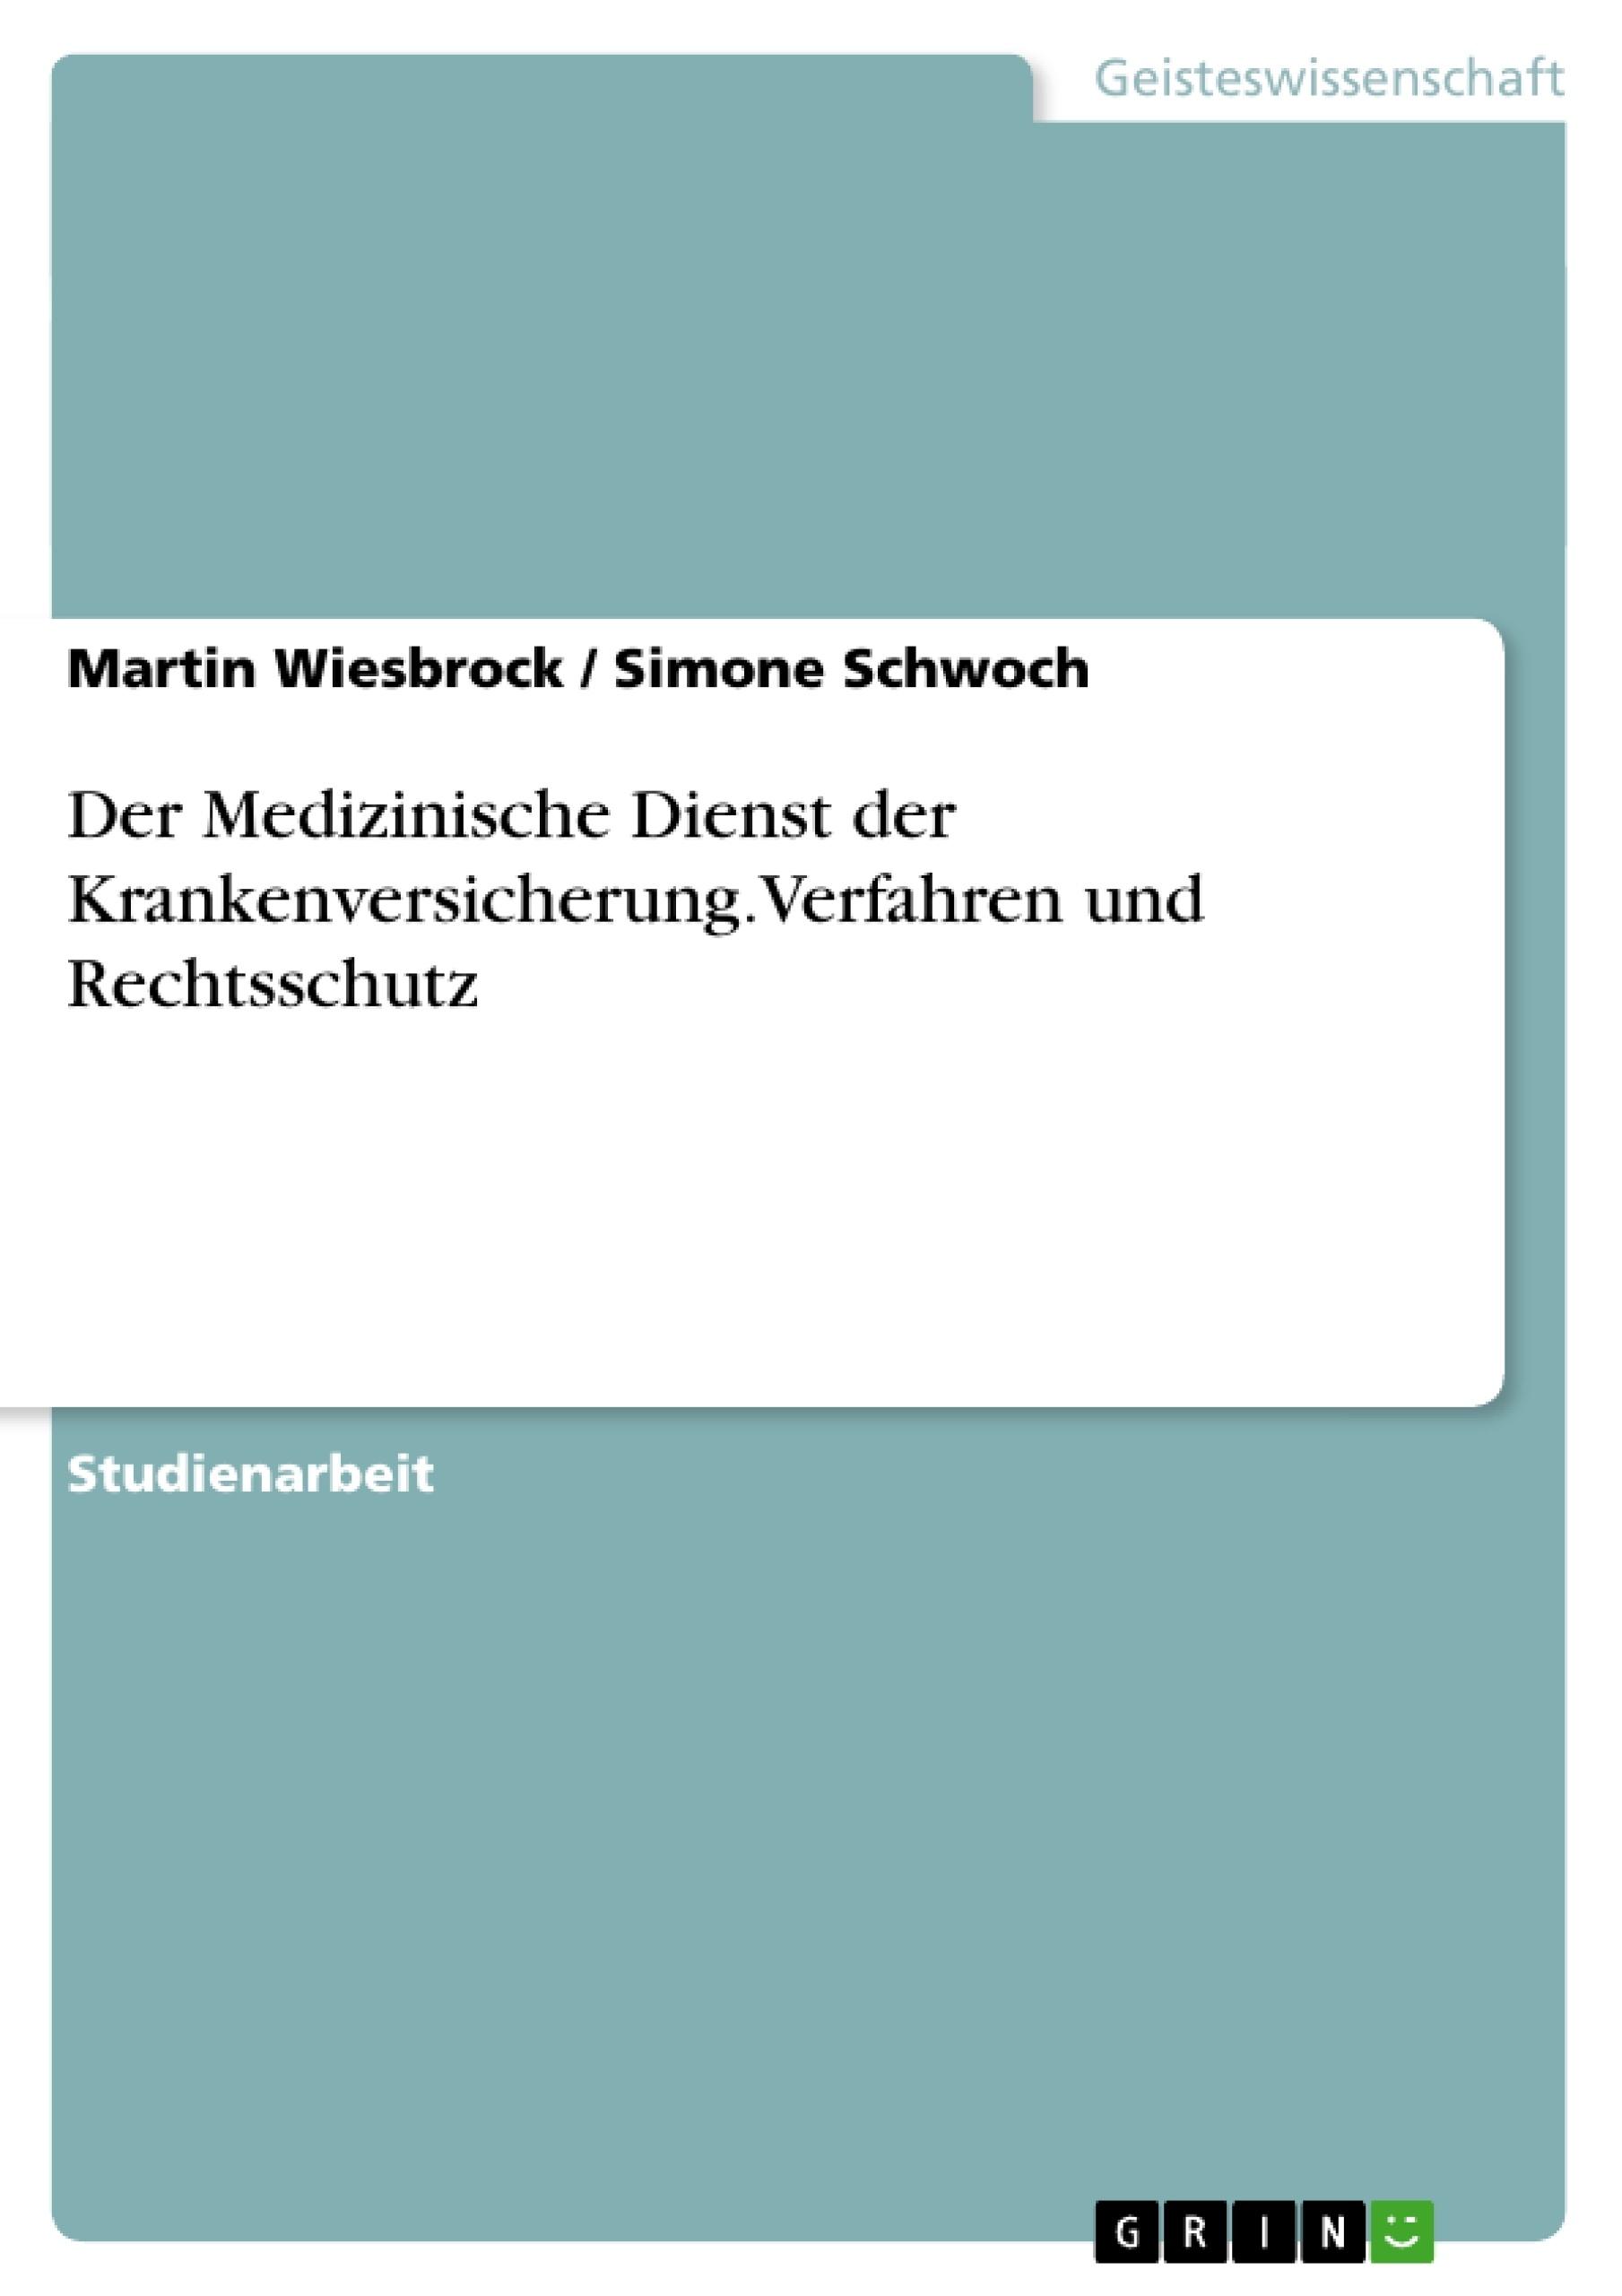 Titel: Der Medizinische Dienst der Krankenversicherung.Verfahren und Rechtsschutz